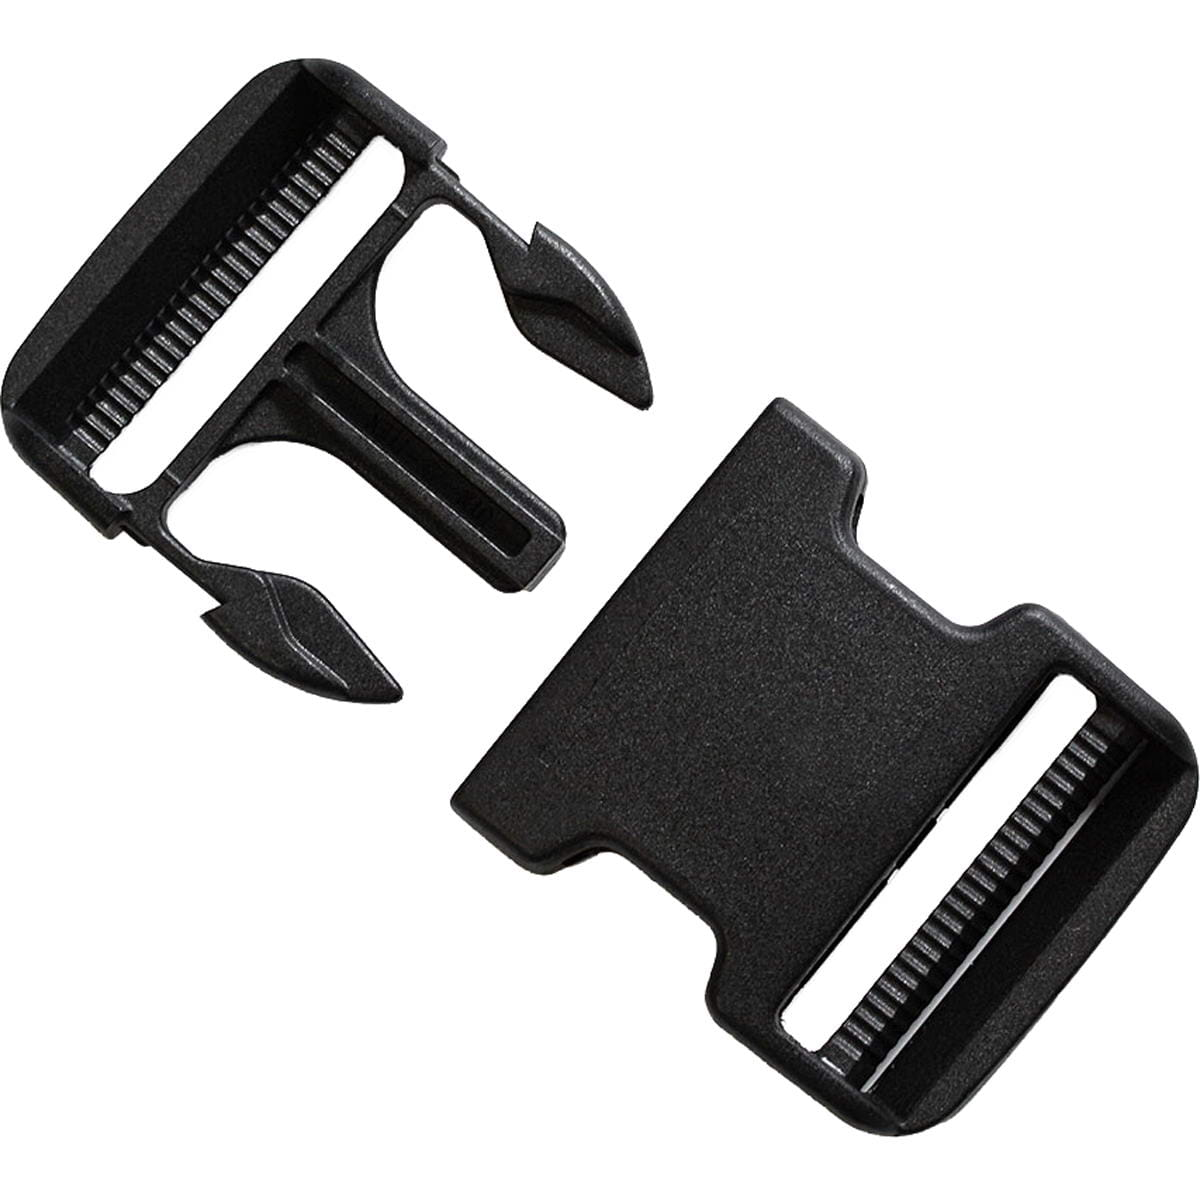 Ortlieb Reparatursteckverschluss 40 mm - Bild 1